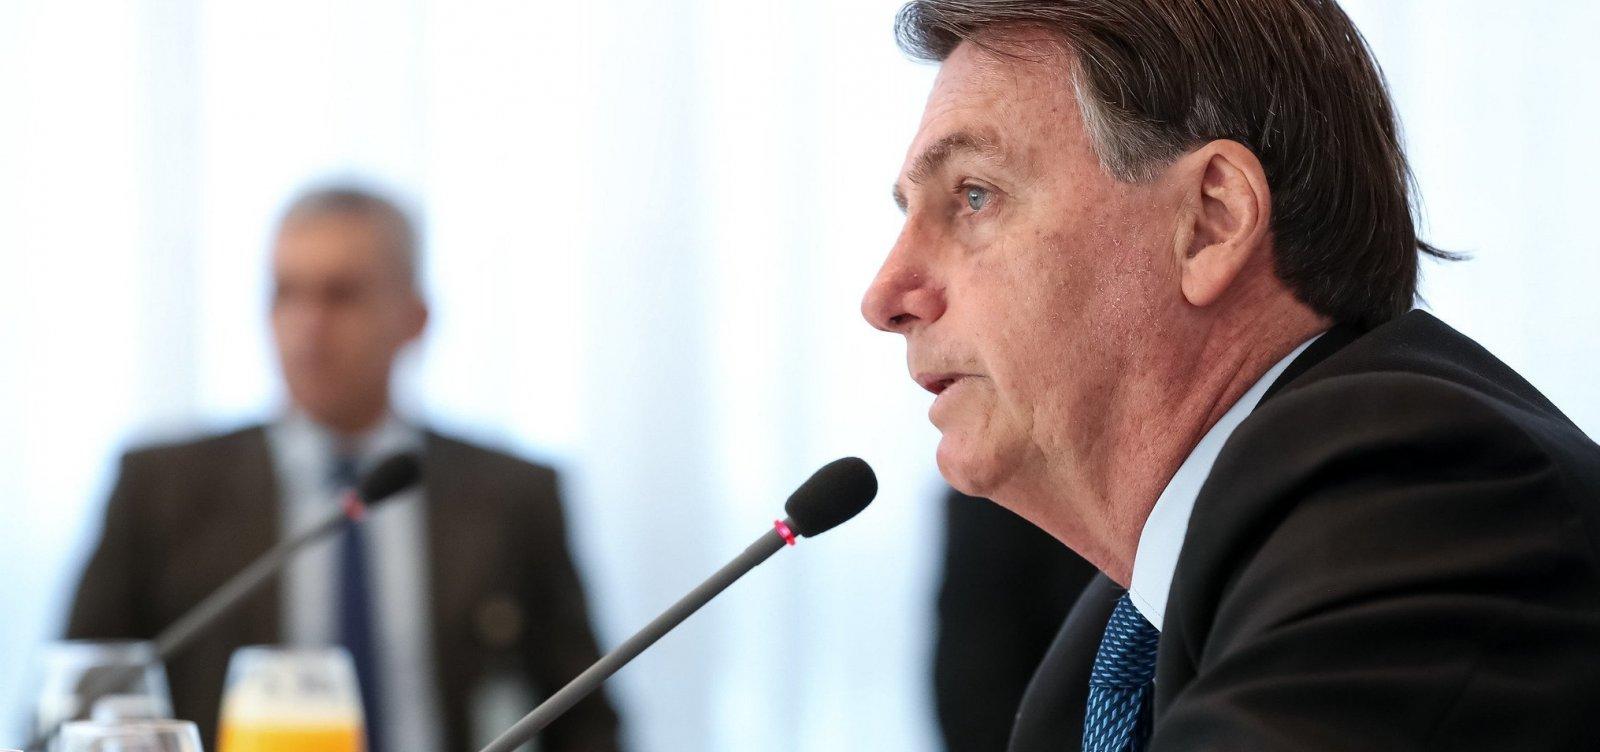 [Auditores do TCU indicam irregularidades em gastos no primeiro ano do governo Bolsonaro]